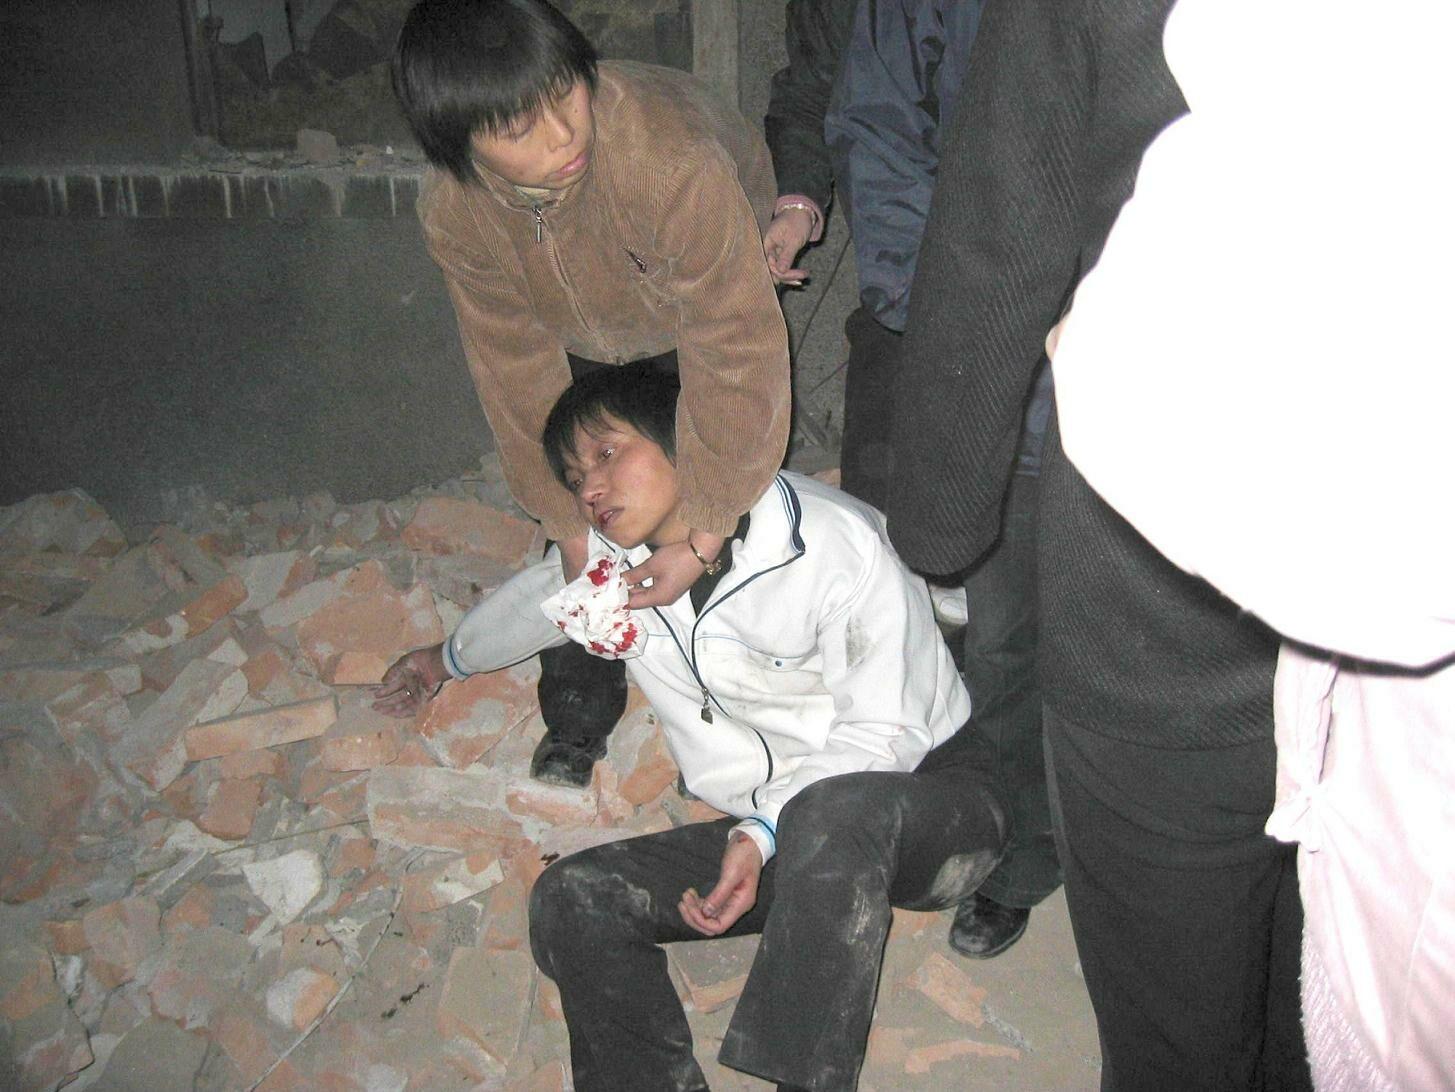 Katholische Kirche in der Stadt Xi'an niedergerissen, 16 Nonnen verletzt